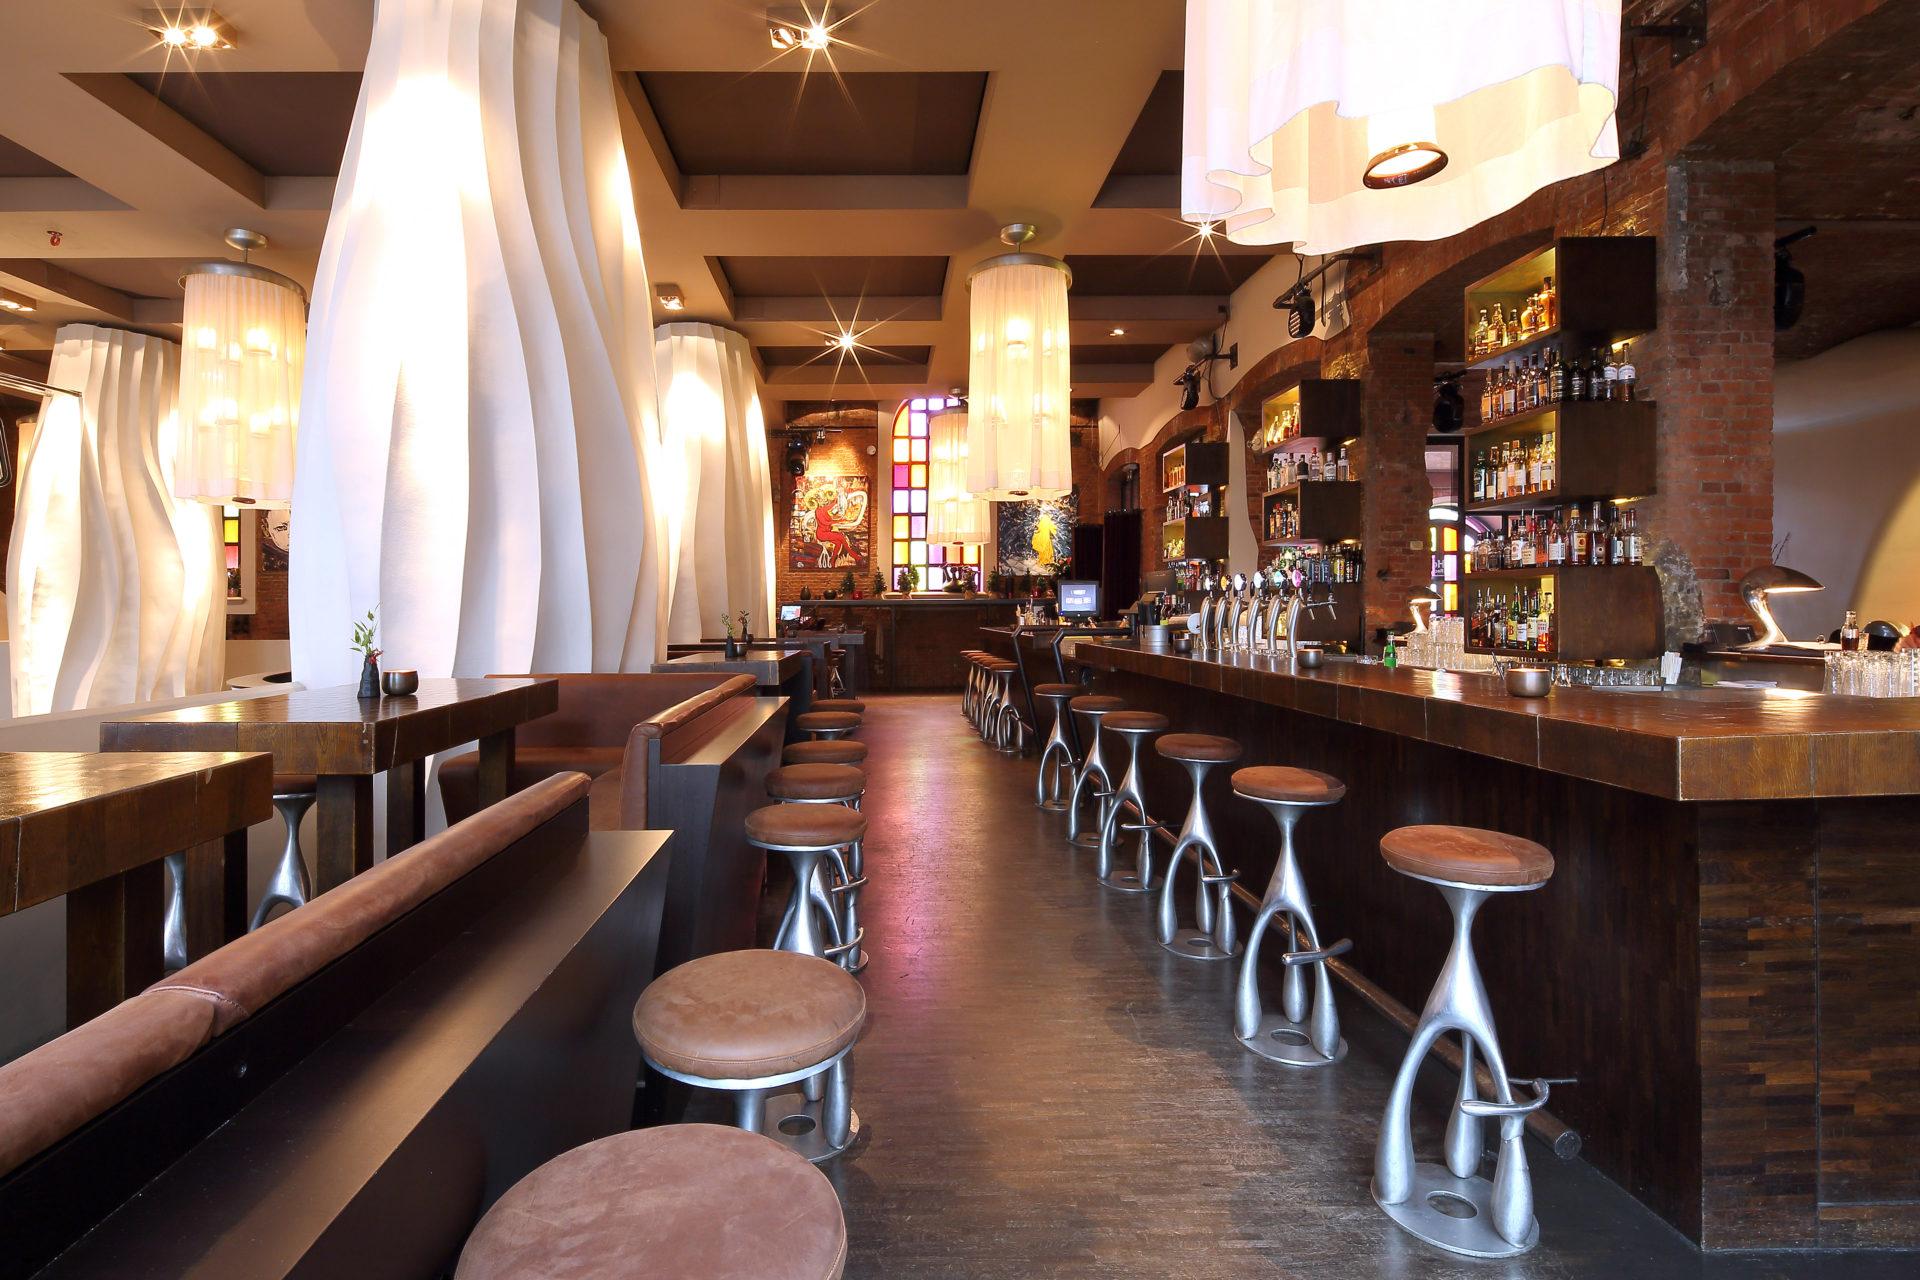 EAST_Restaurant_AnjaBeutler.de_15b